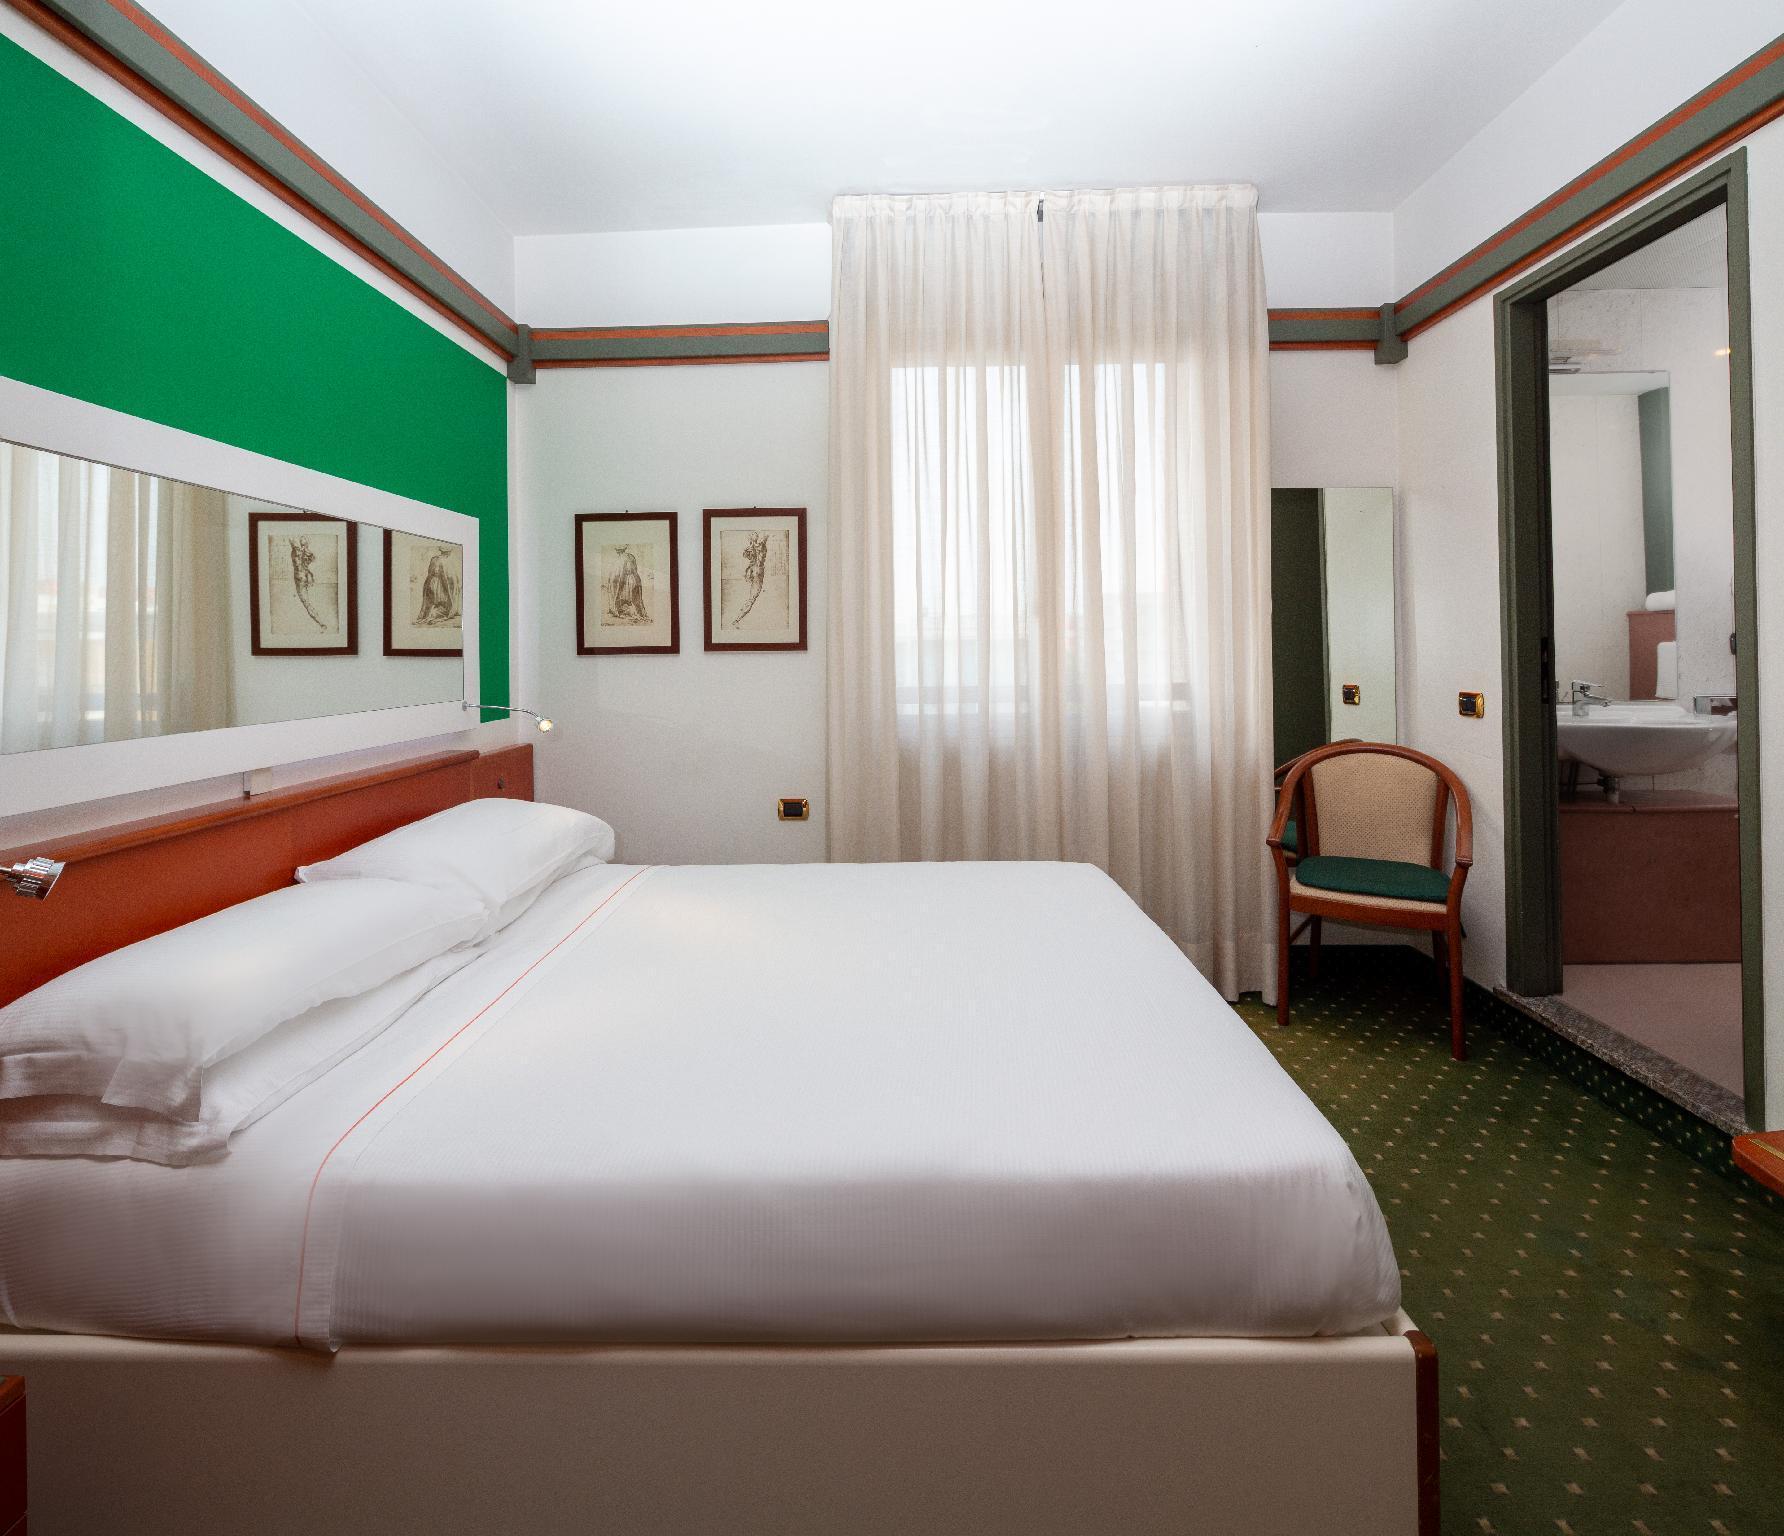 Sure Hotel by Best Western Jet Hotel Malpensa